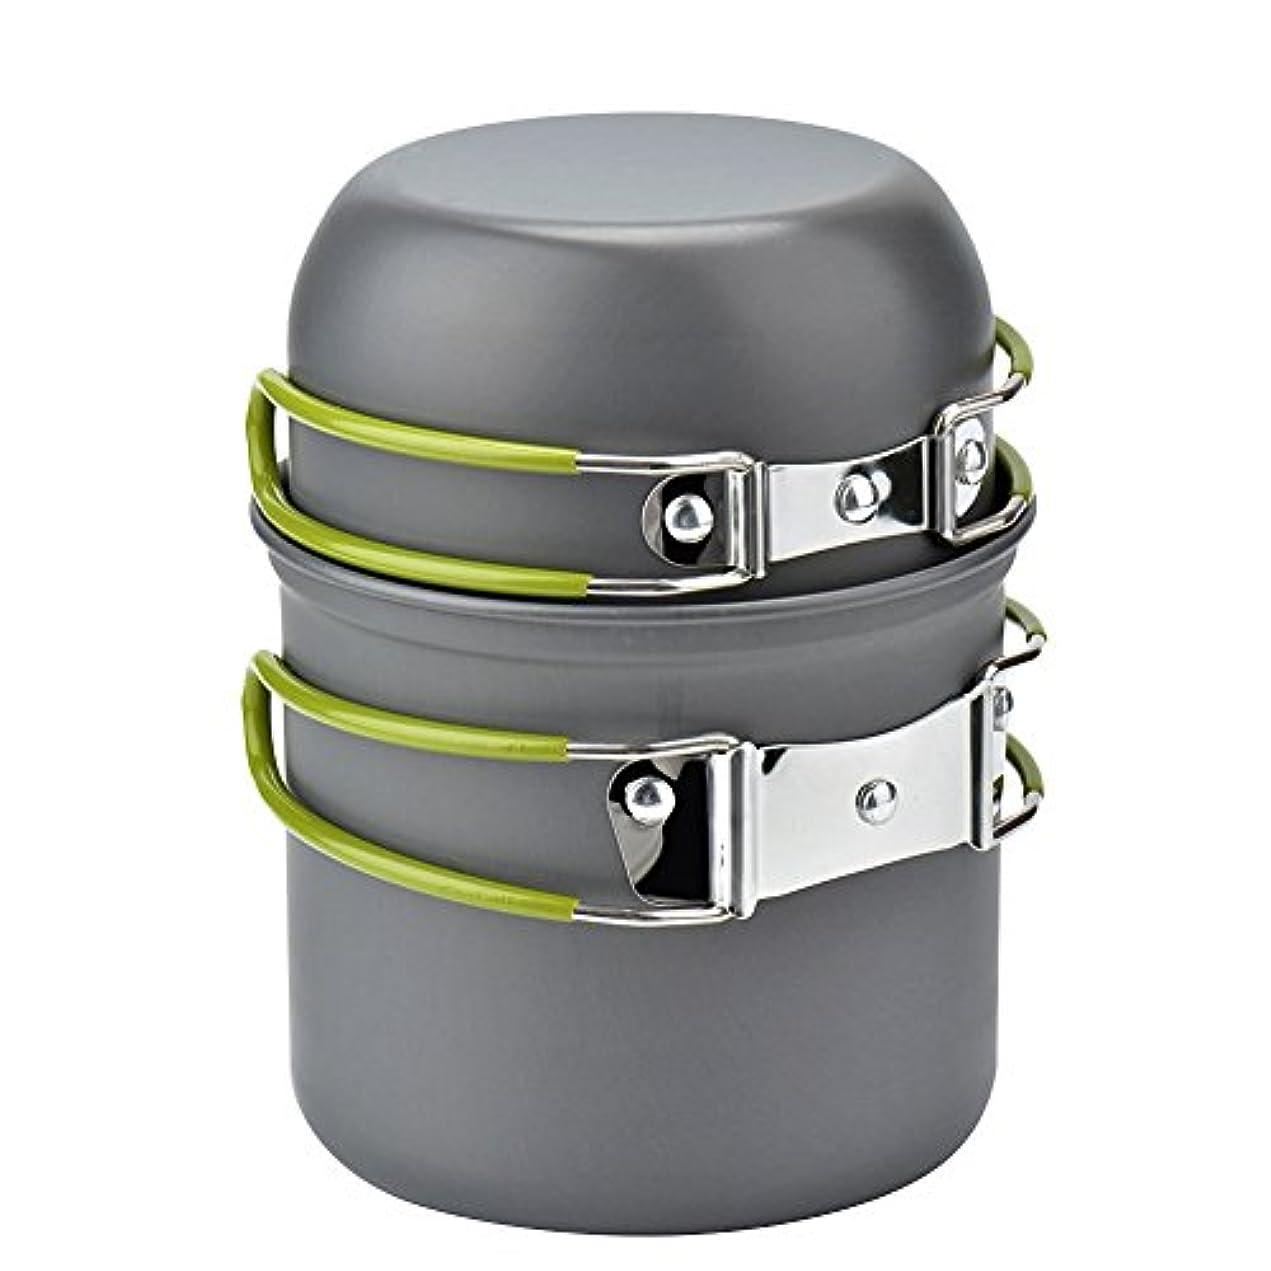 代替案挨拶する桃Cozyswan ピクニック用ポット2点セット 二人分 キャンピング 携帯便利 専用バッグ付 アウトドア 鍋